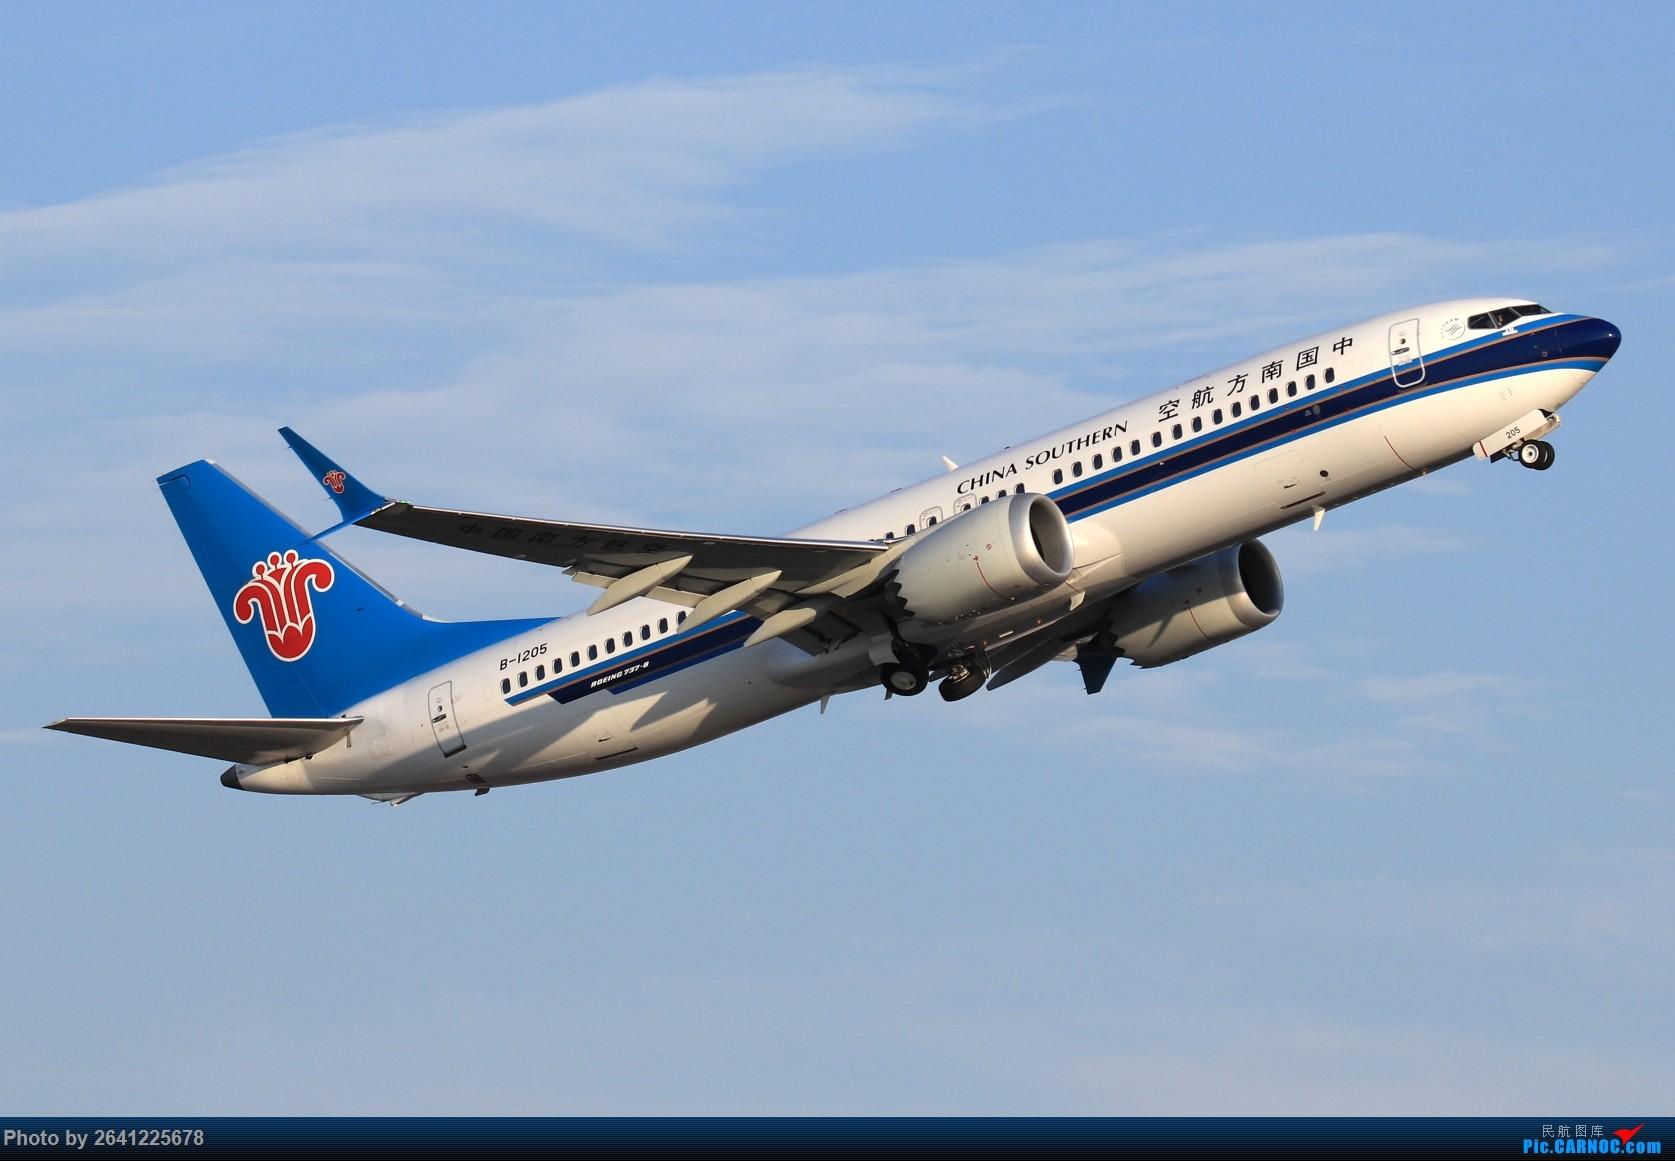 Re:[原创]【小周游记第7集拍机贴】乌鲁木齐绝美的地景和光线 BOEING 737MAX-8 B-1205 中国乌鲁木齐地窝堡国际机场